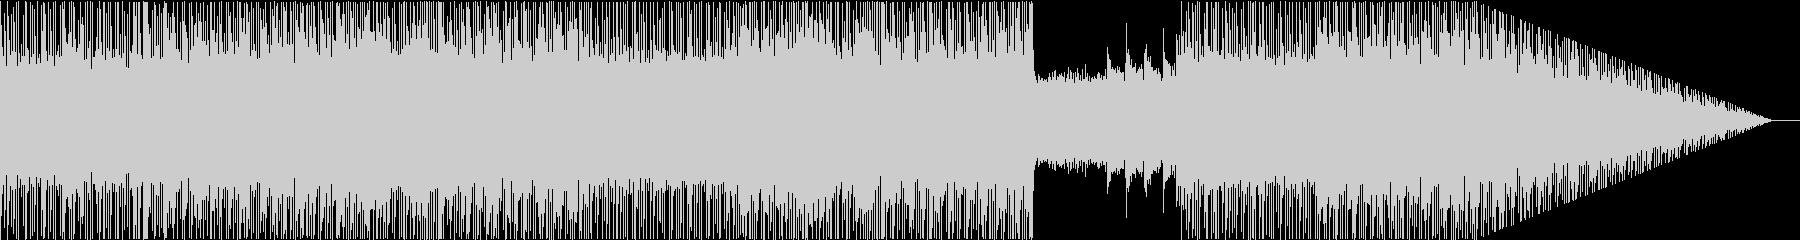 ポップなメロディとシューゲイザー風オケの未再生の波形